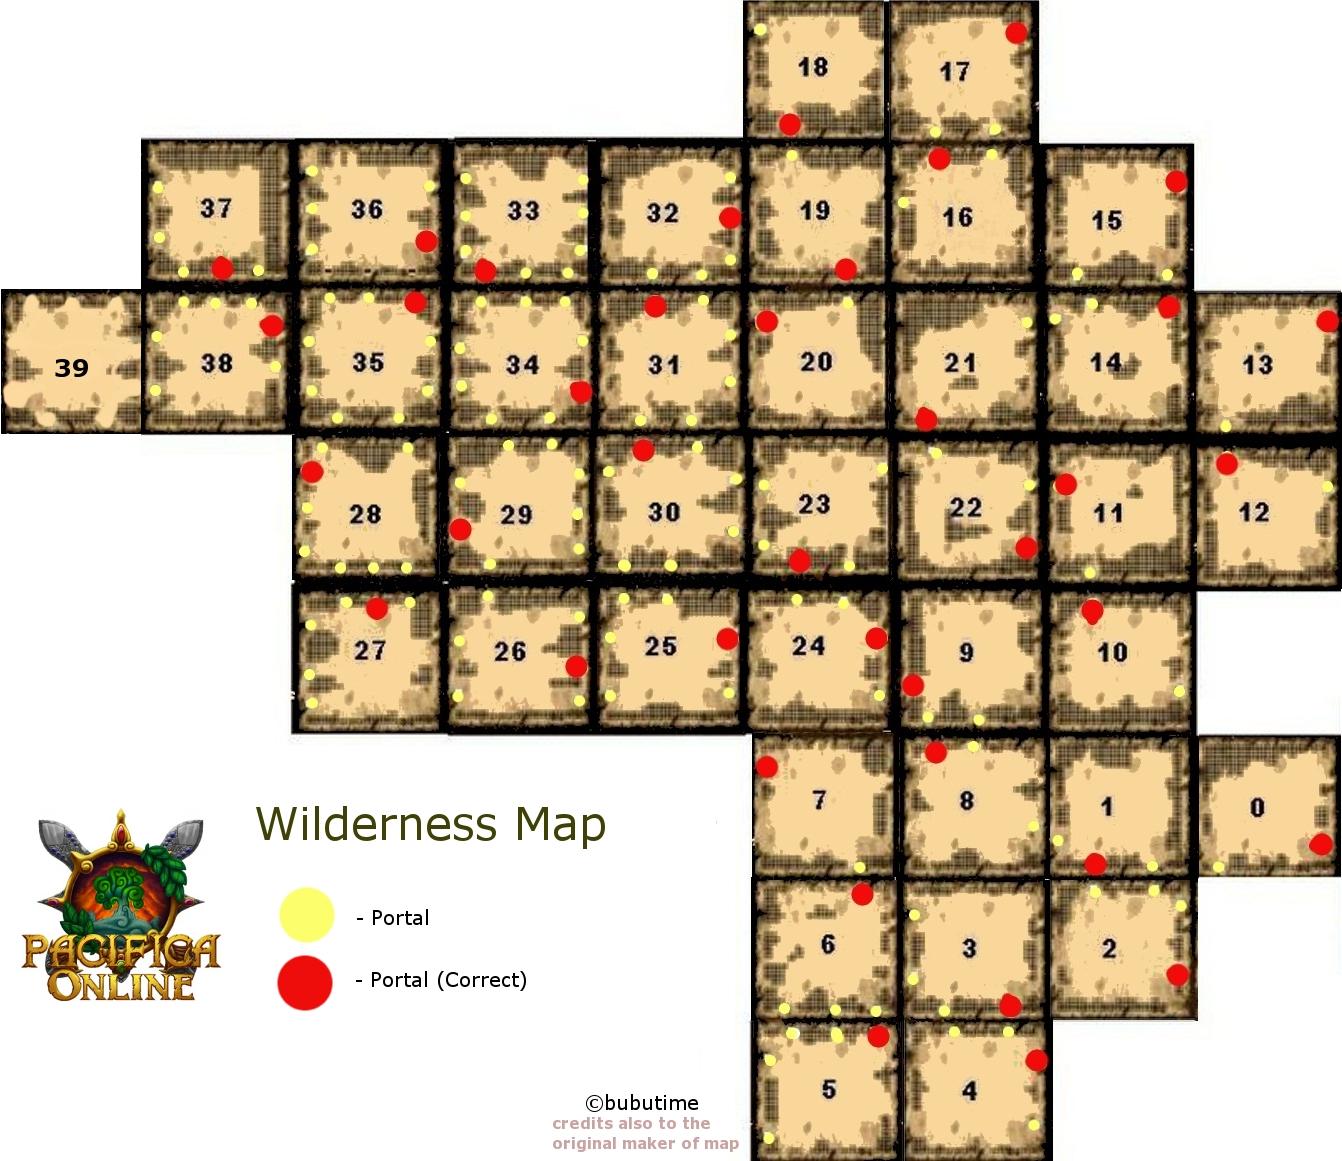 wilderness dark wilderness map pacifica online wiki fandom